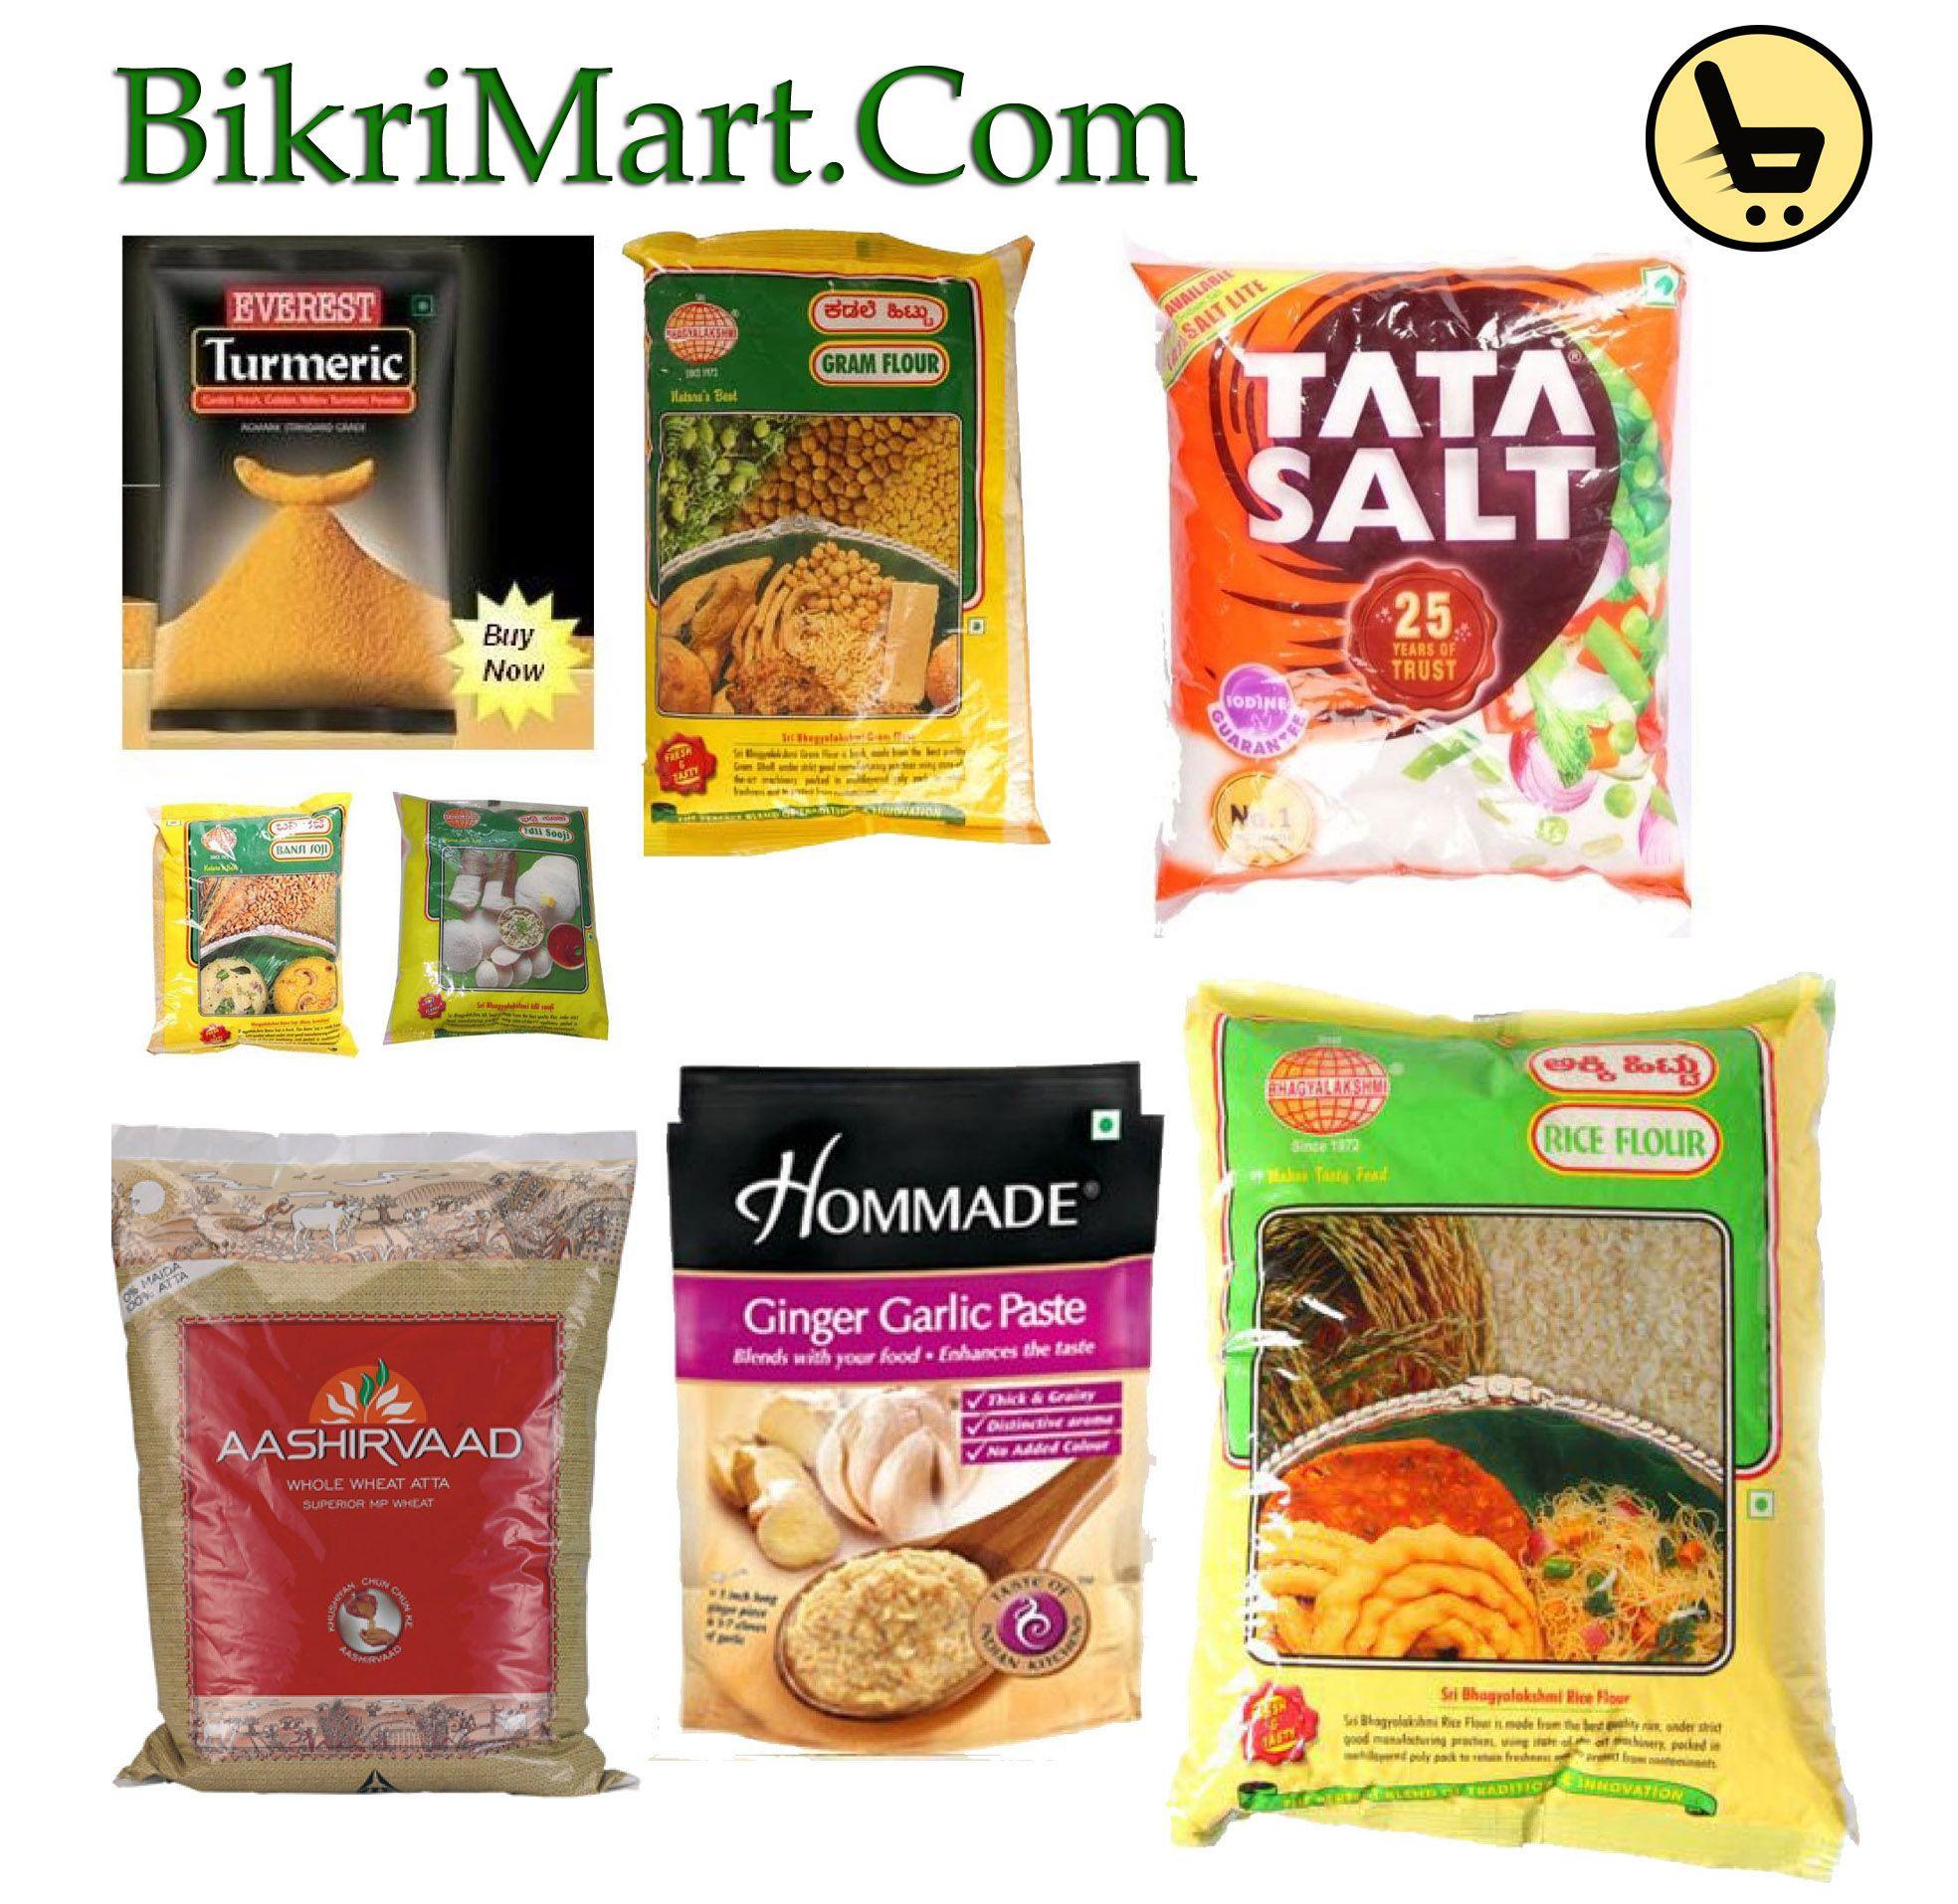 Pin By Bikri Mart On Bikri Mart Shop Buy Now